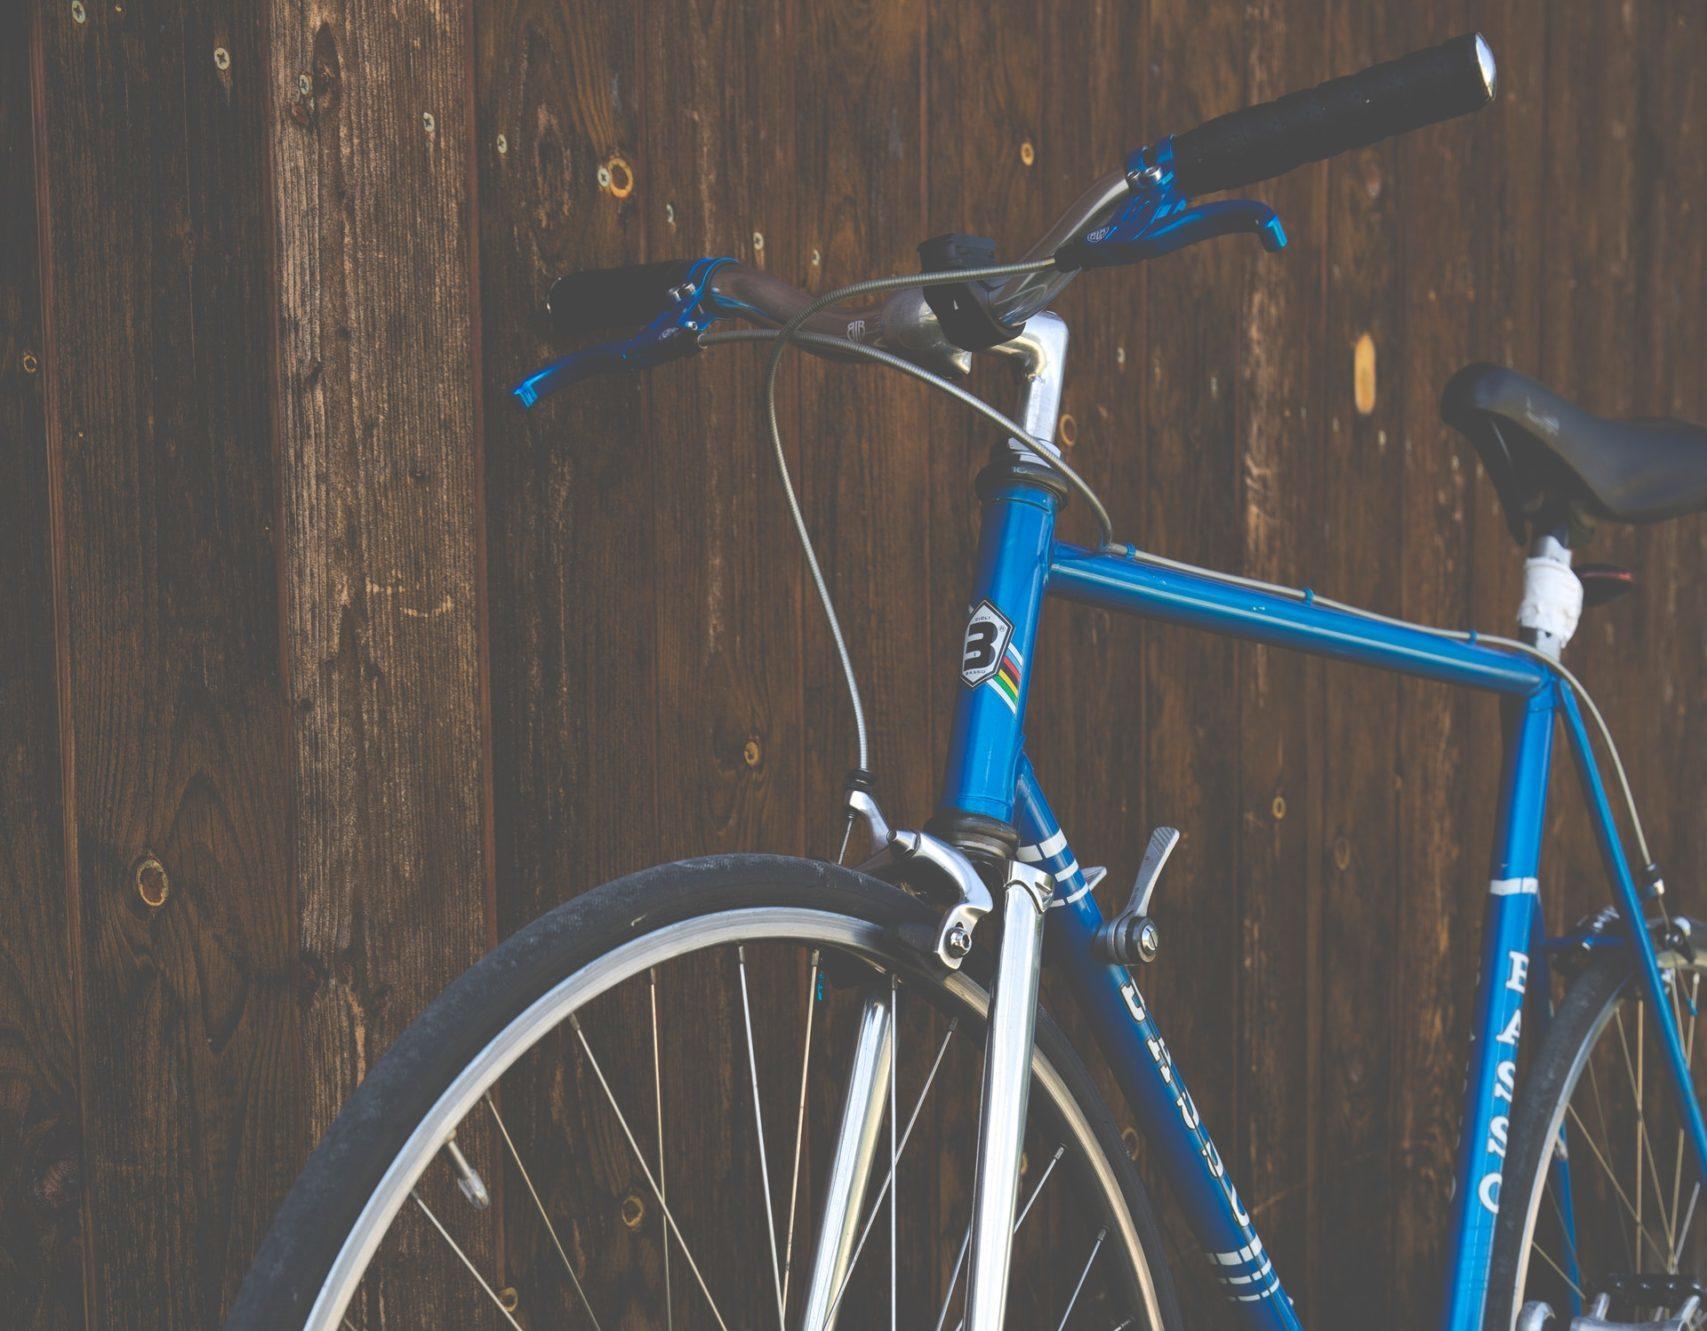 На новороссийцев все чаще наезжают… велосипеды. Как найти управу на лихачей?